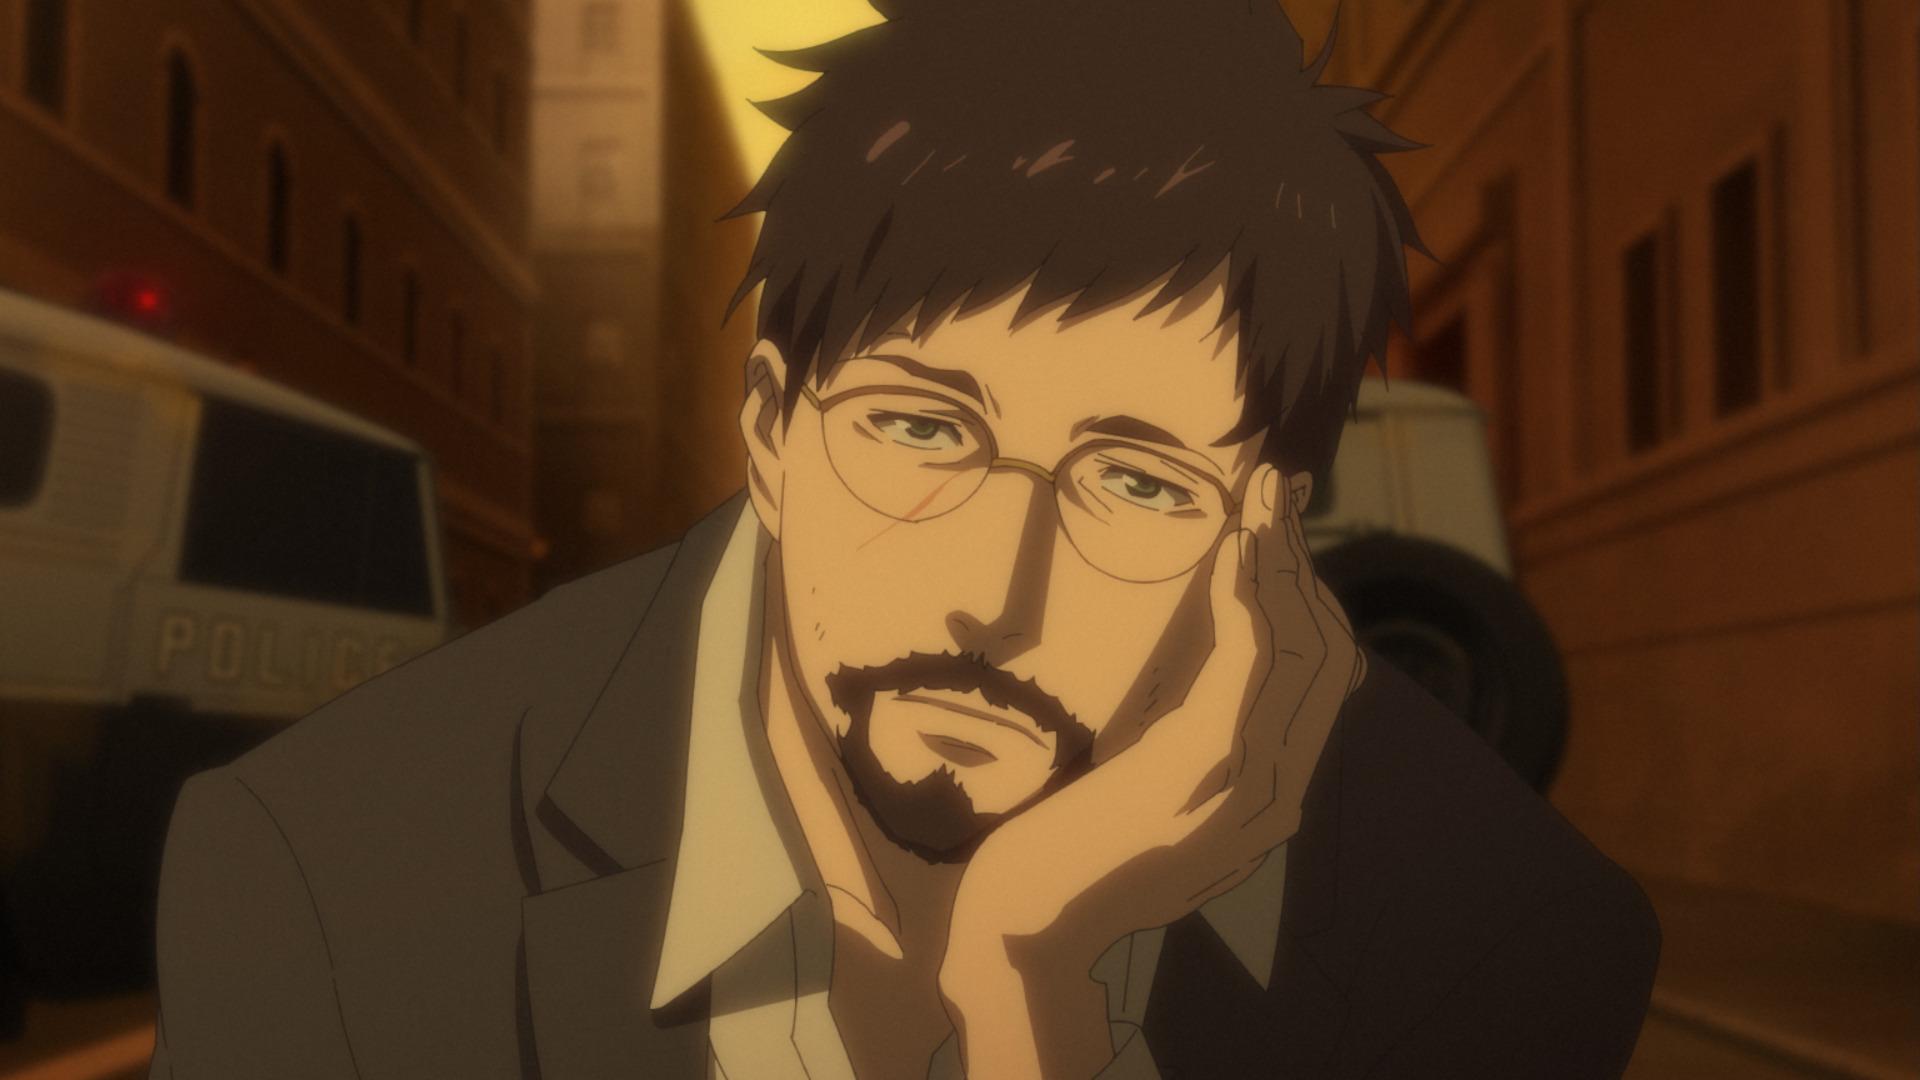 キース(CV:平田広明) (C) Kazuto Nakazawa / Production I.G